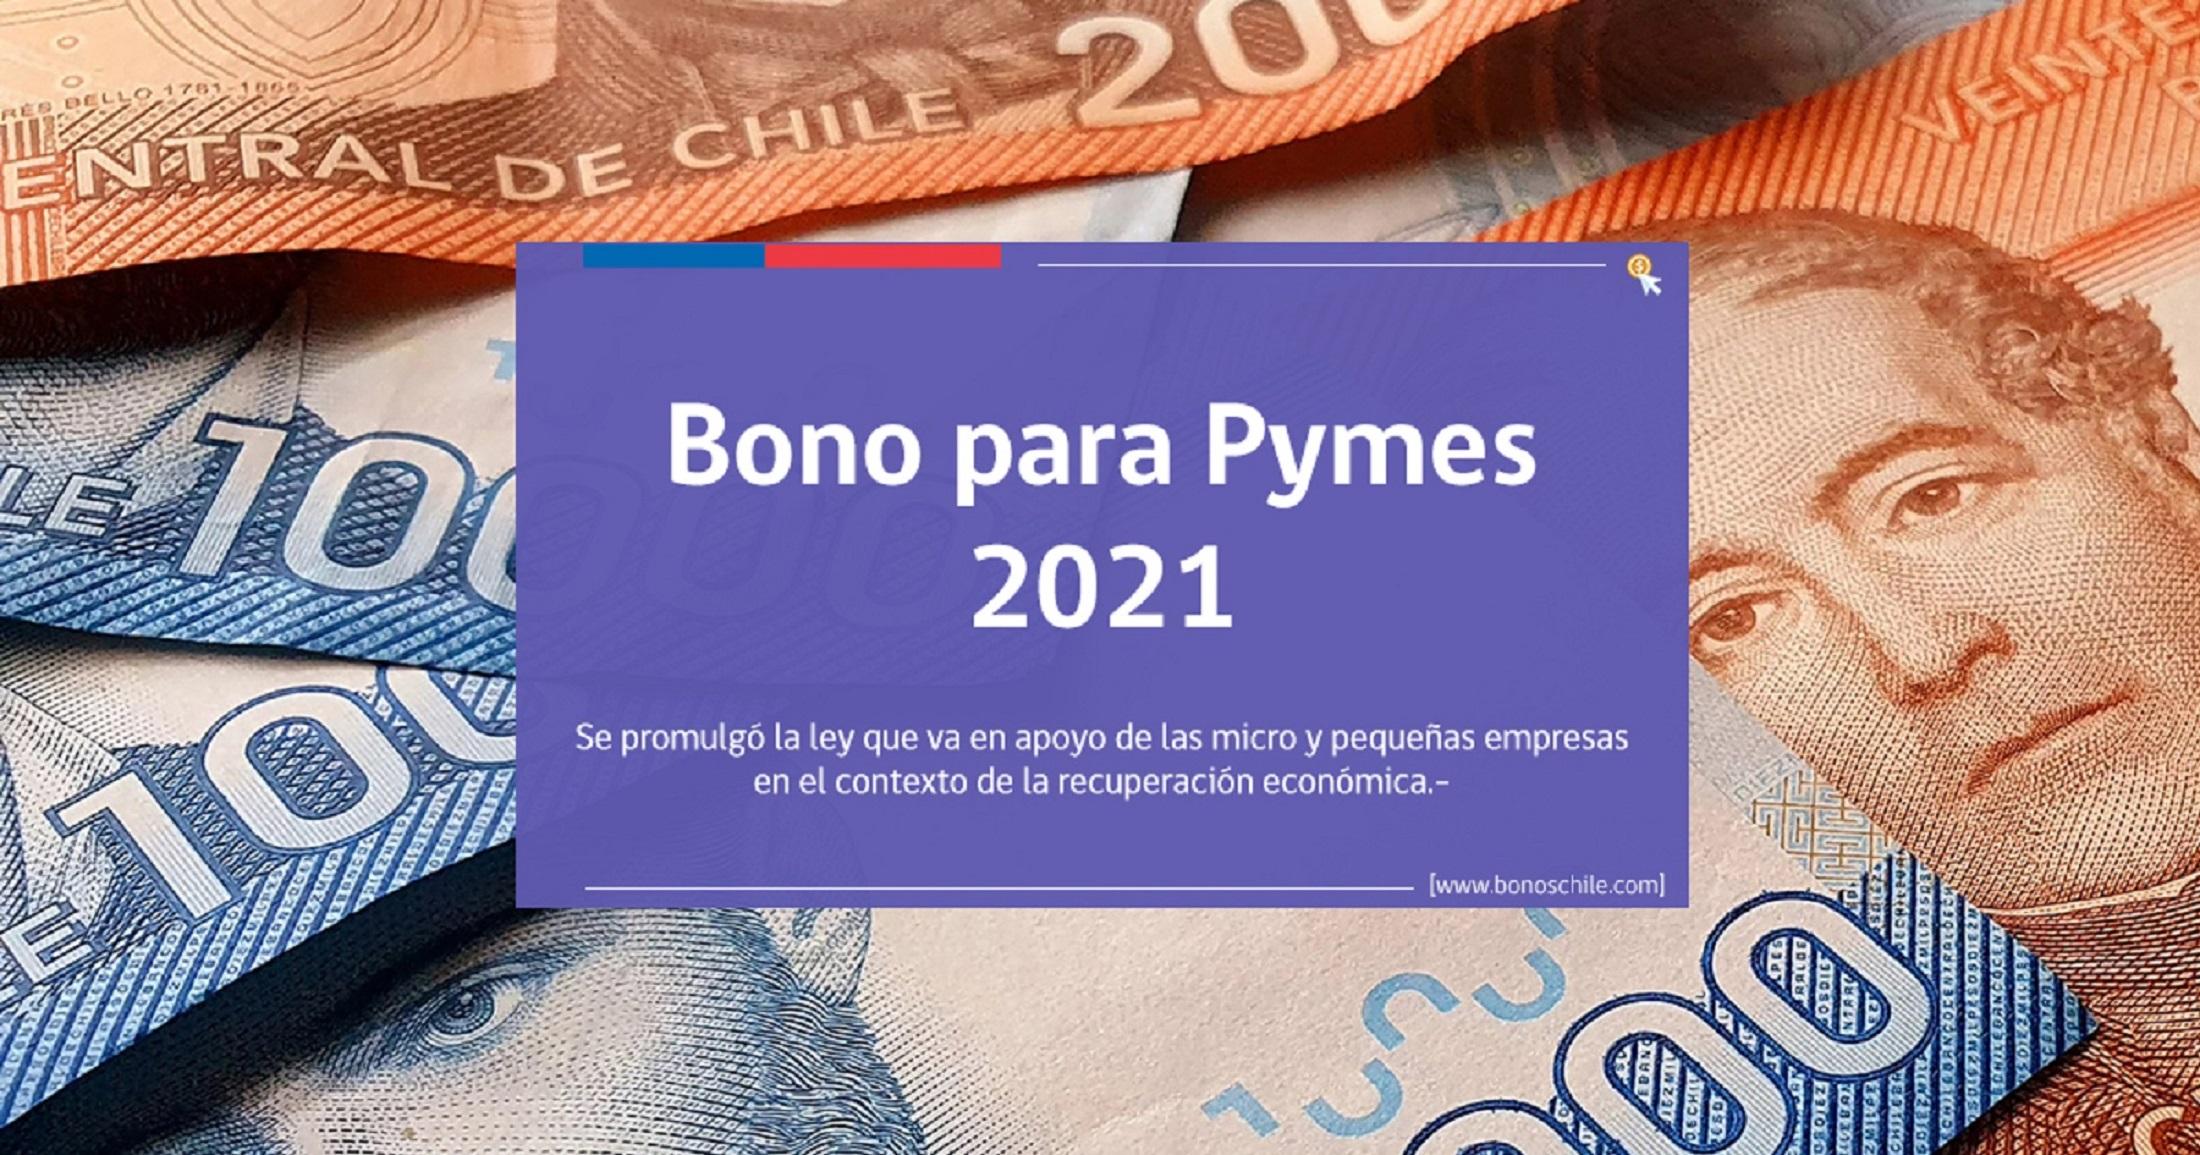 BONOS PYMES